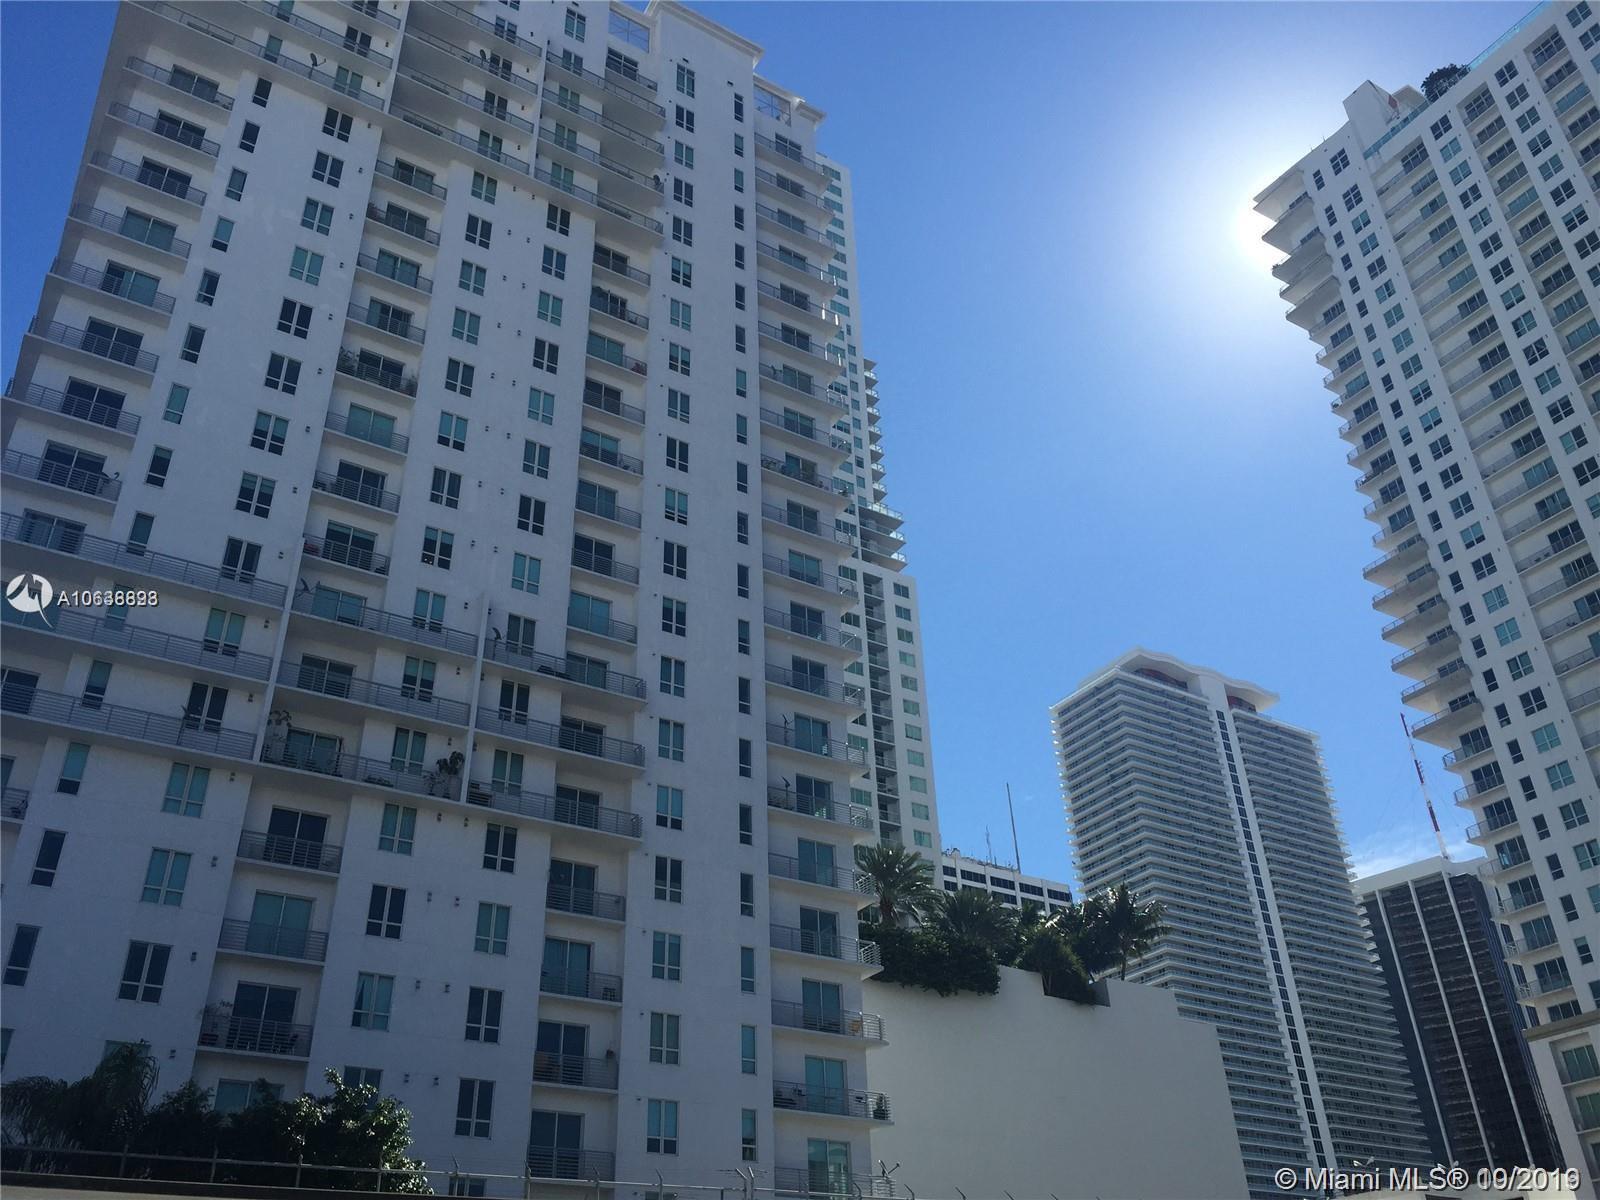 234 NE 3rd St, 407 - Miami, Florida